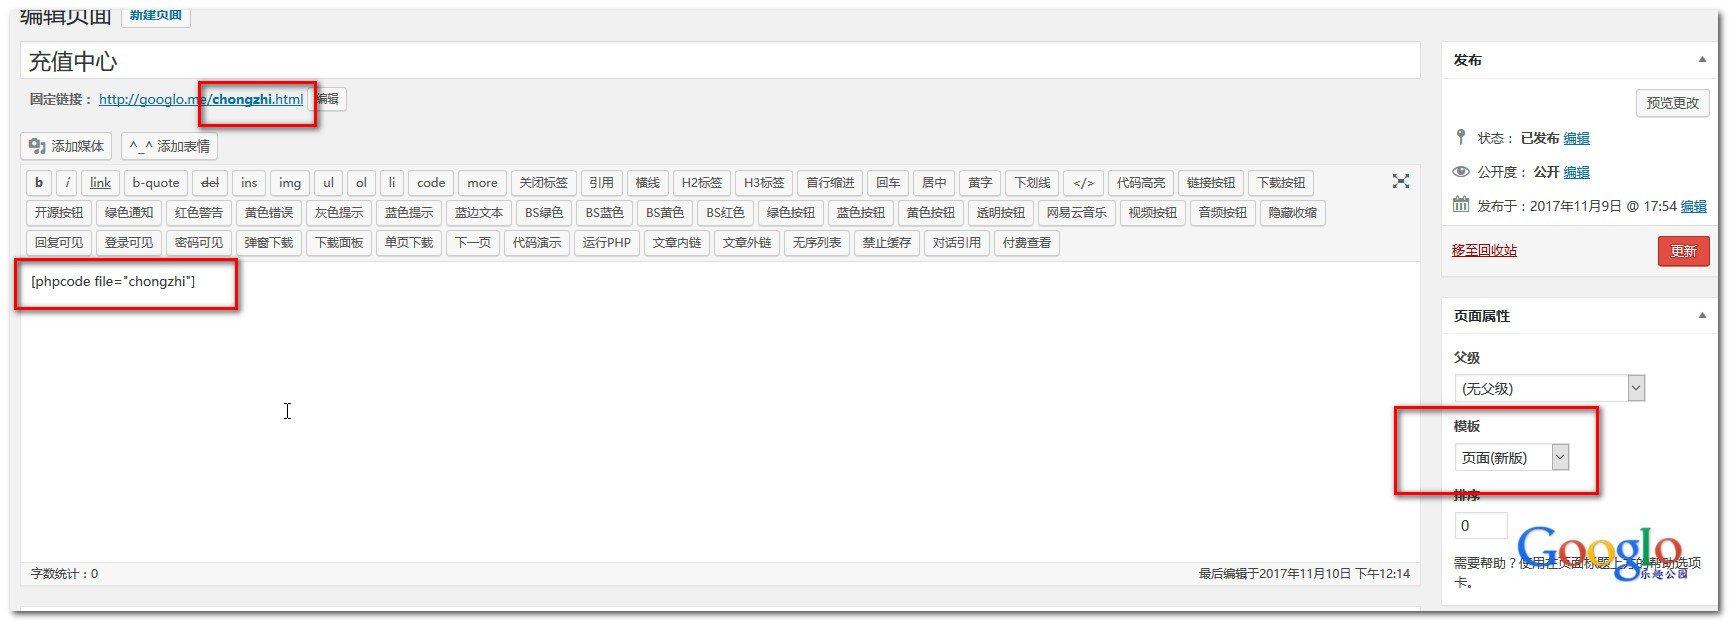 基于Git的主题的wordpress论坛整合方案